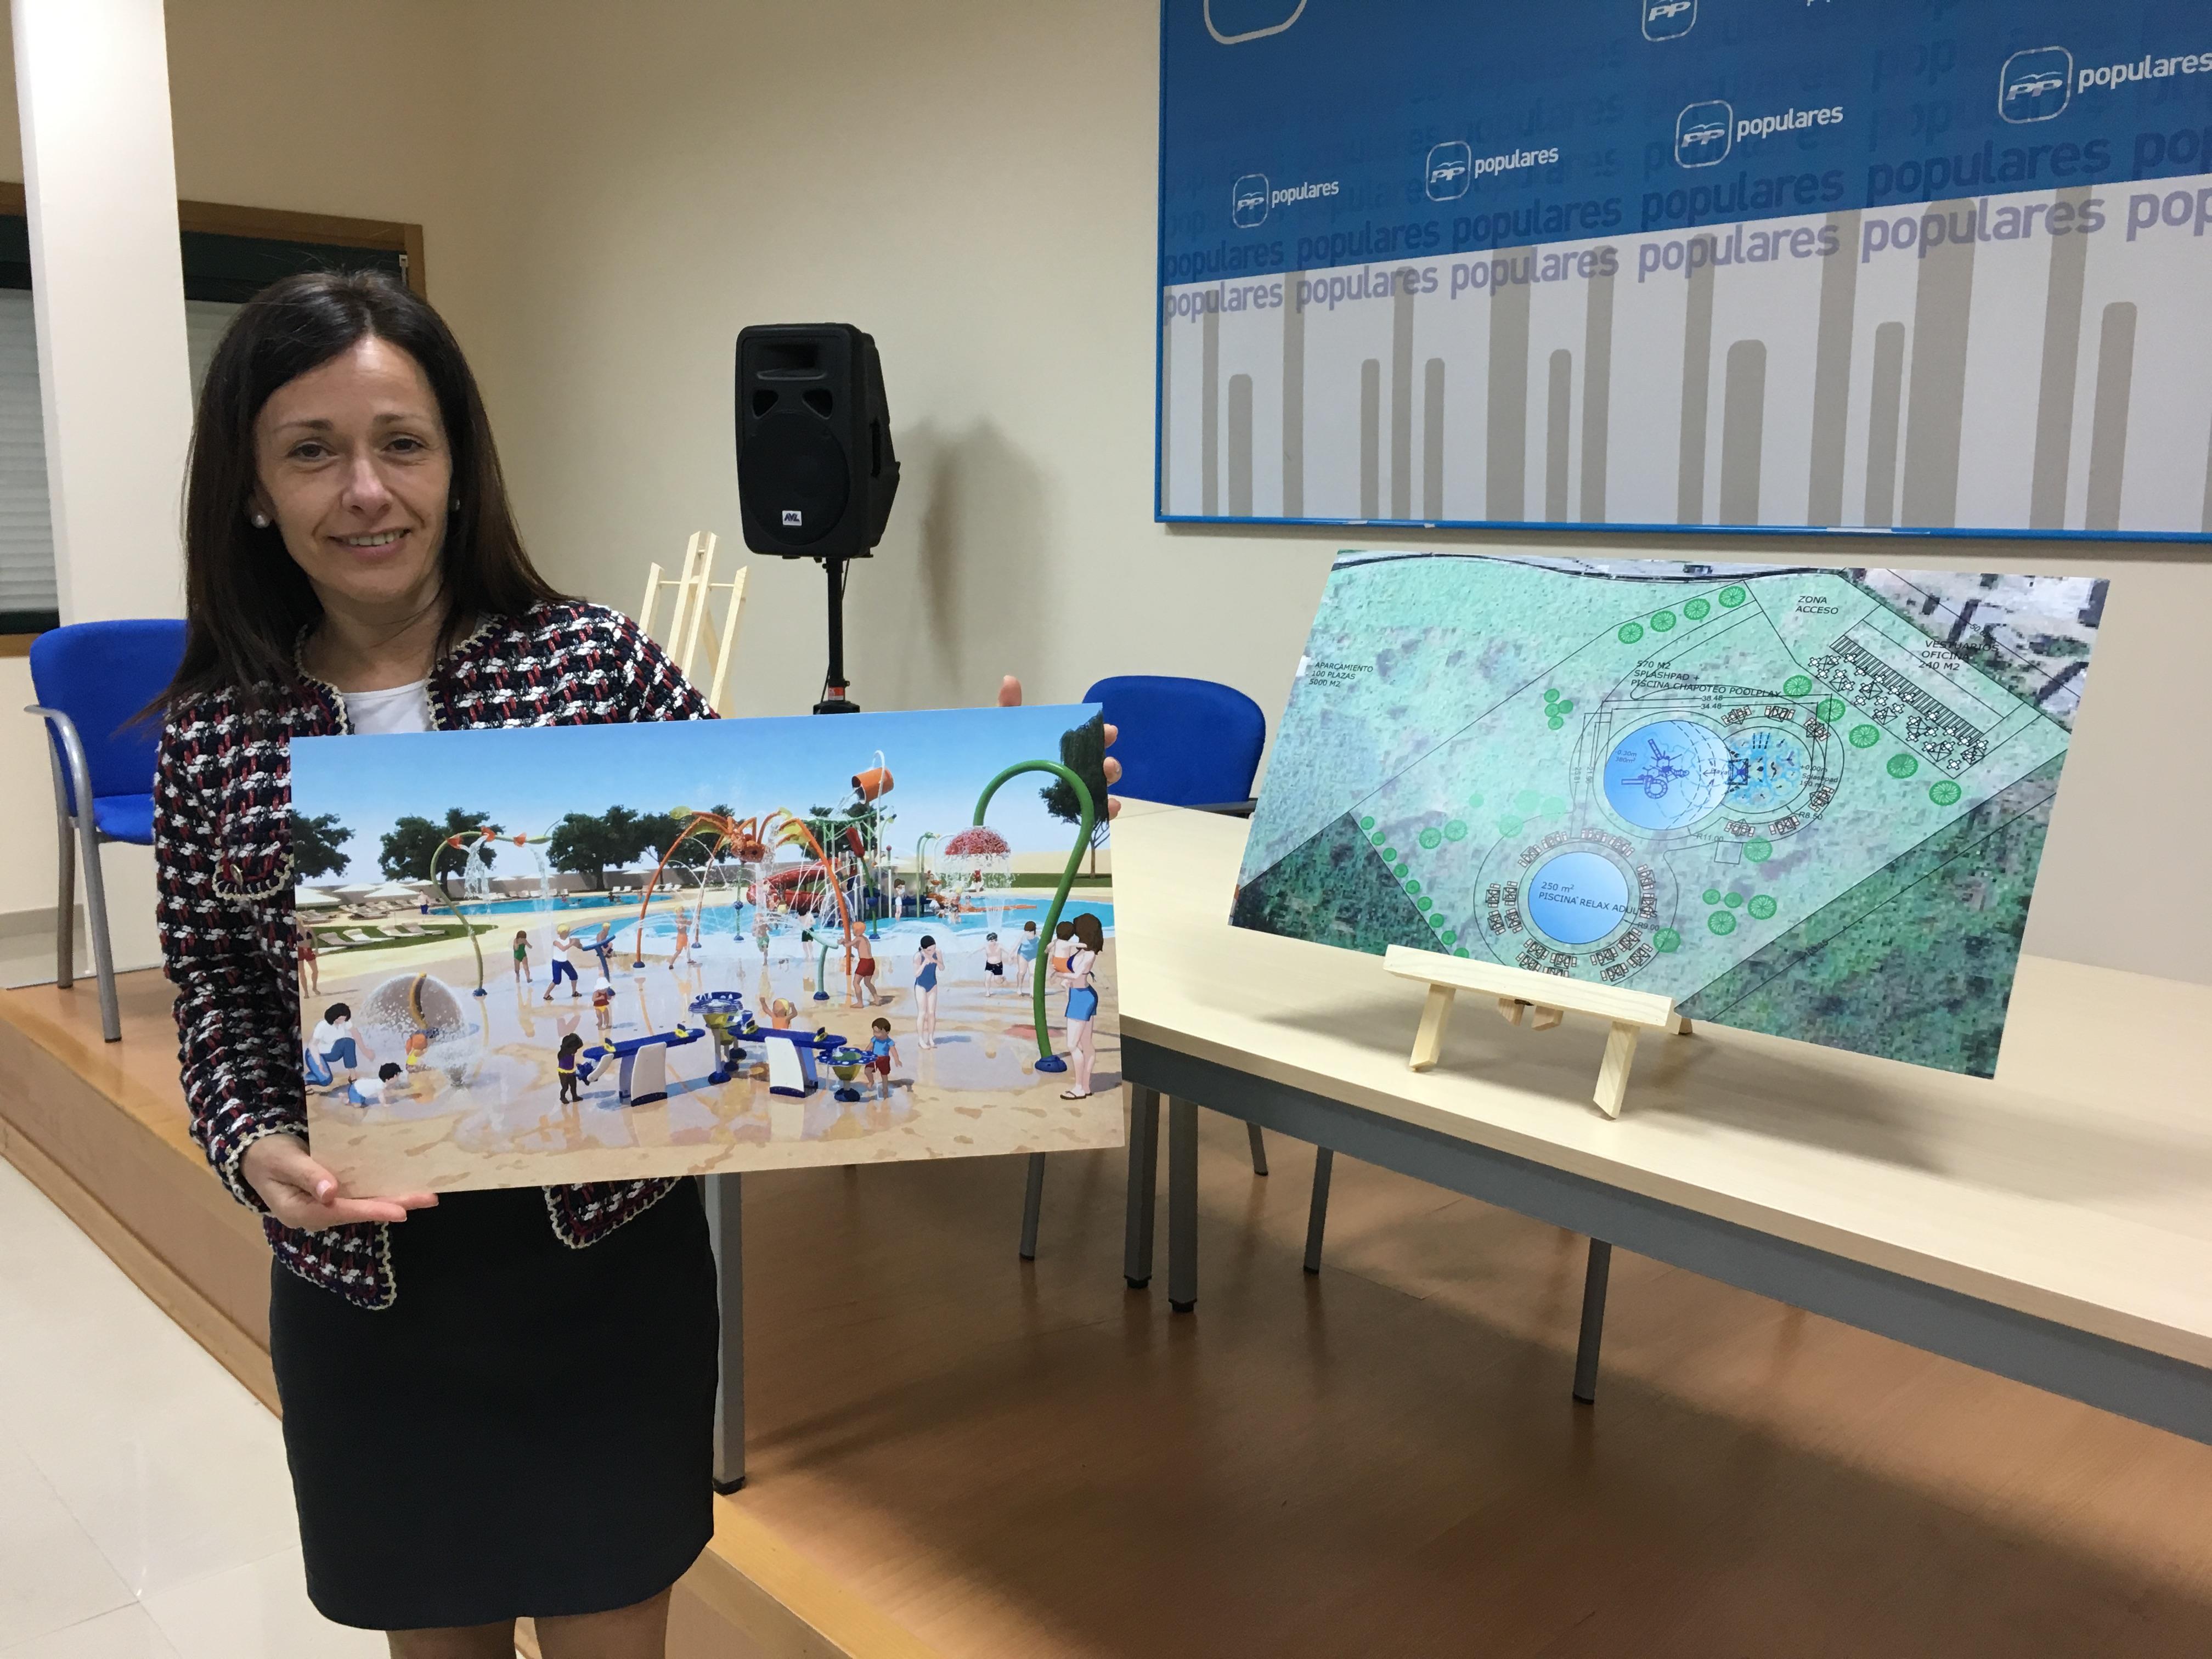 Belén Villar Anuncia La Construcción De Una Zona Lúdica Con Piscinas Pionera En La Provincia